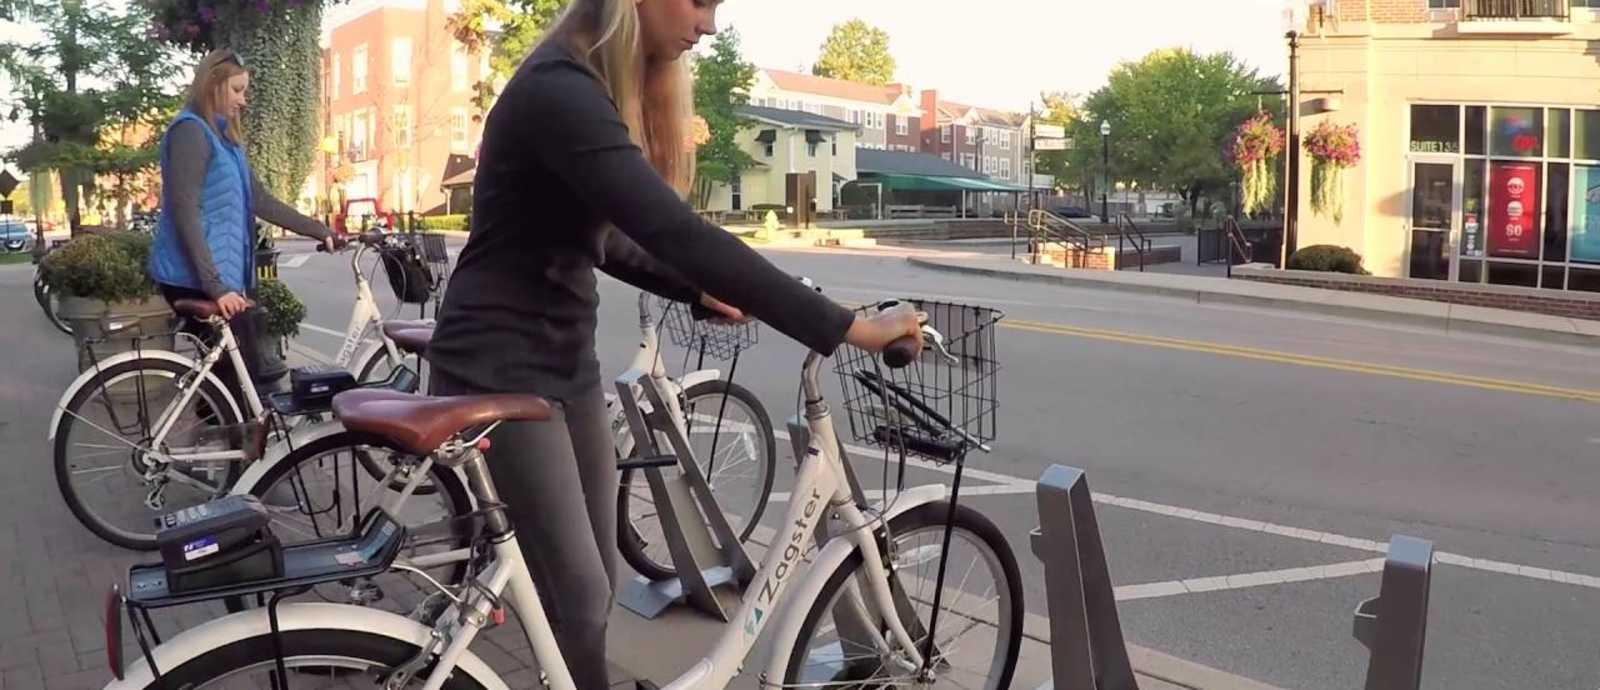 Bike Share in Carmel, IN & Westfield, IN